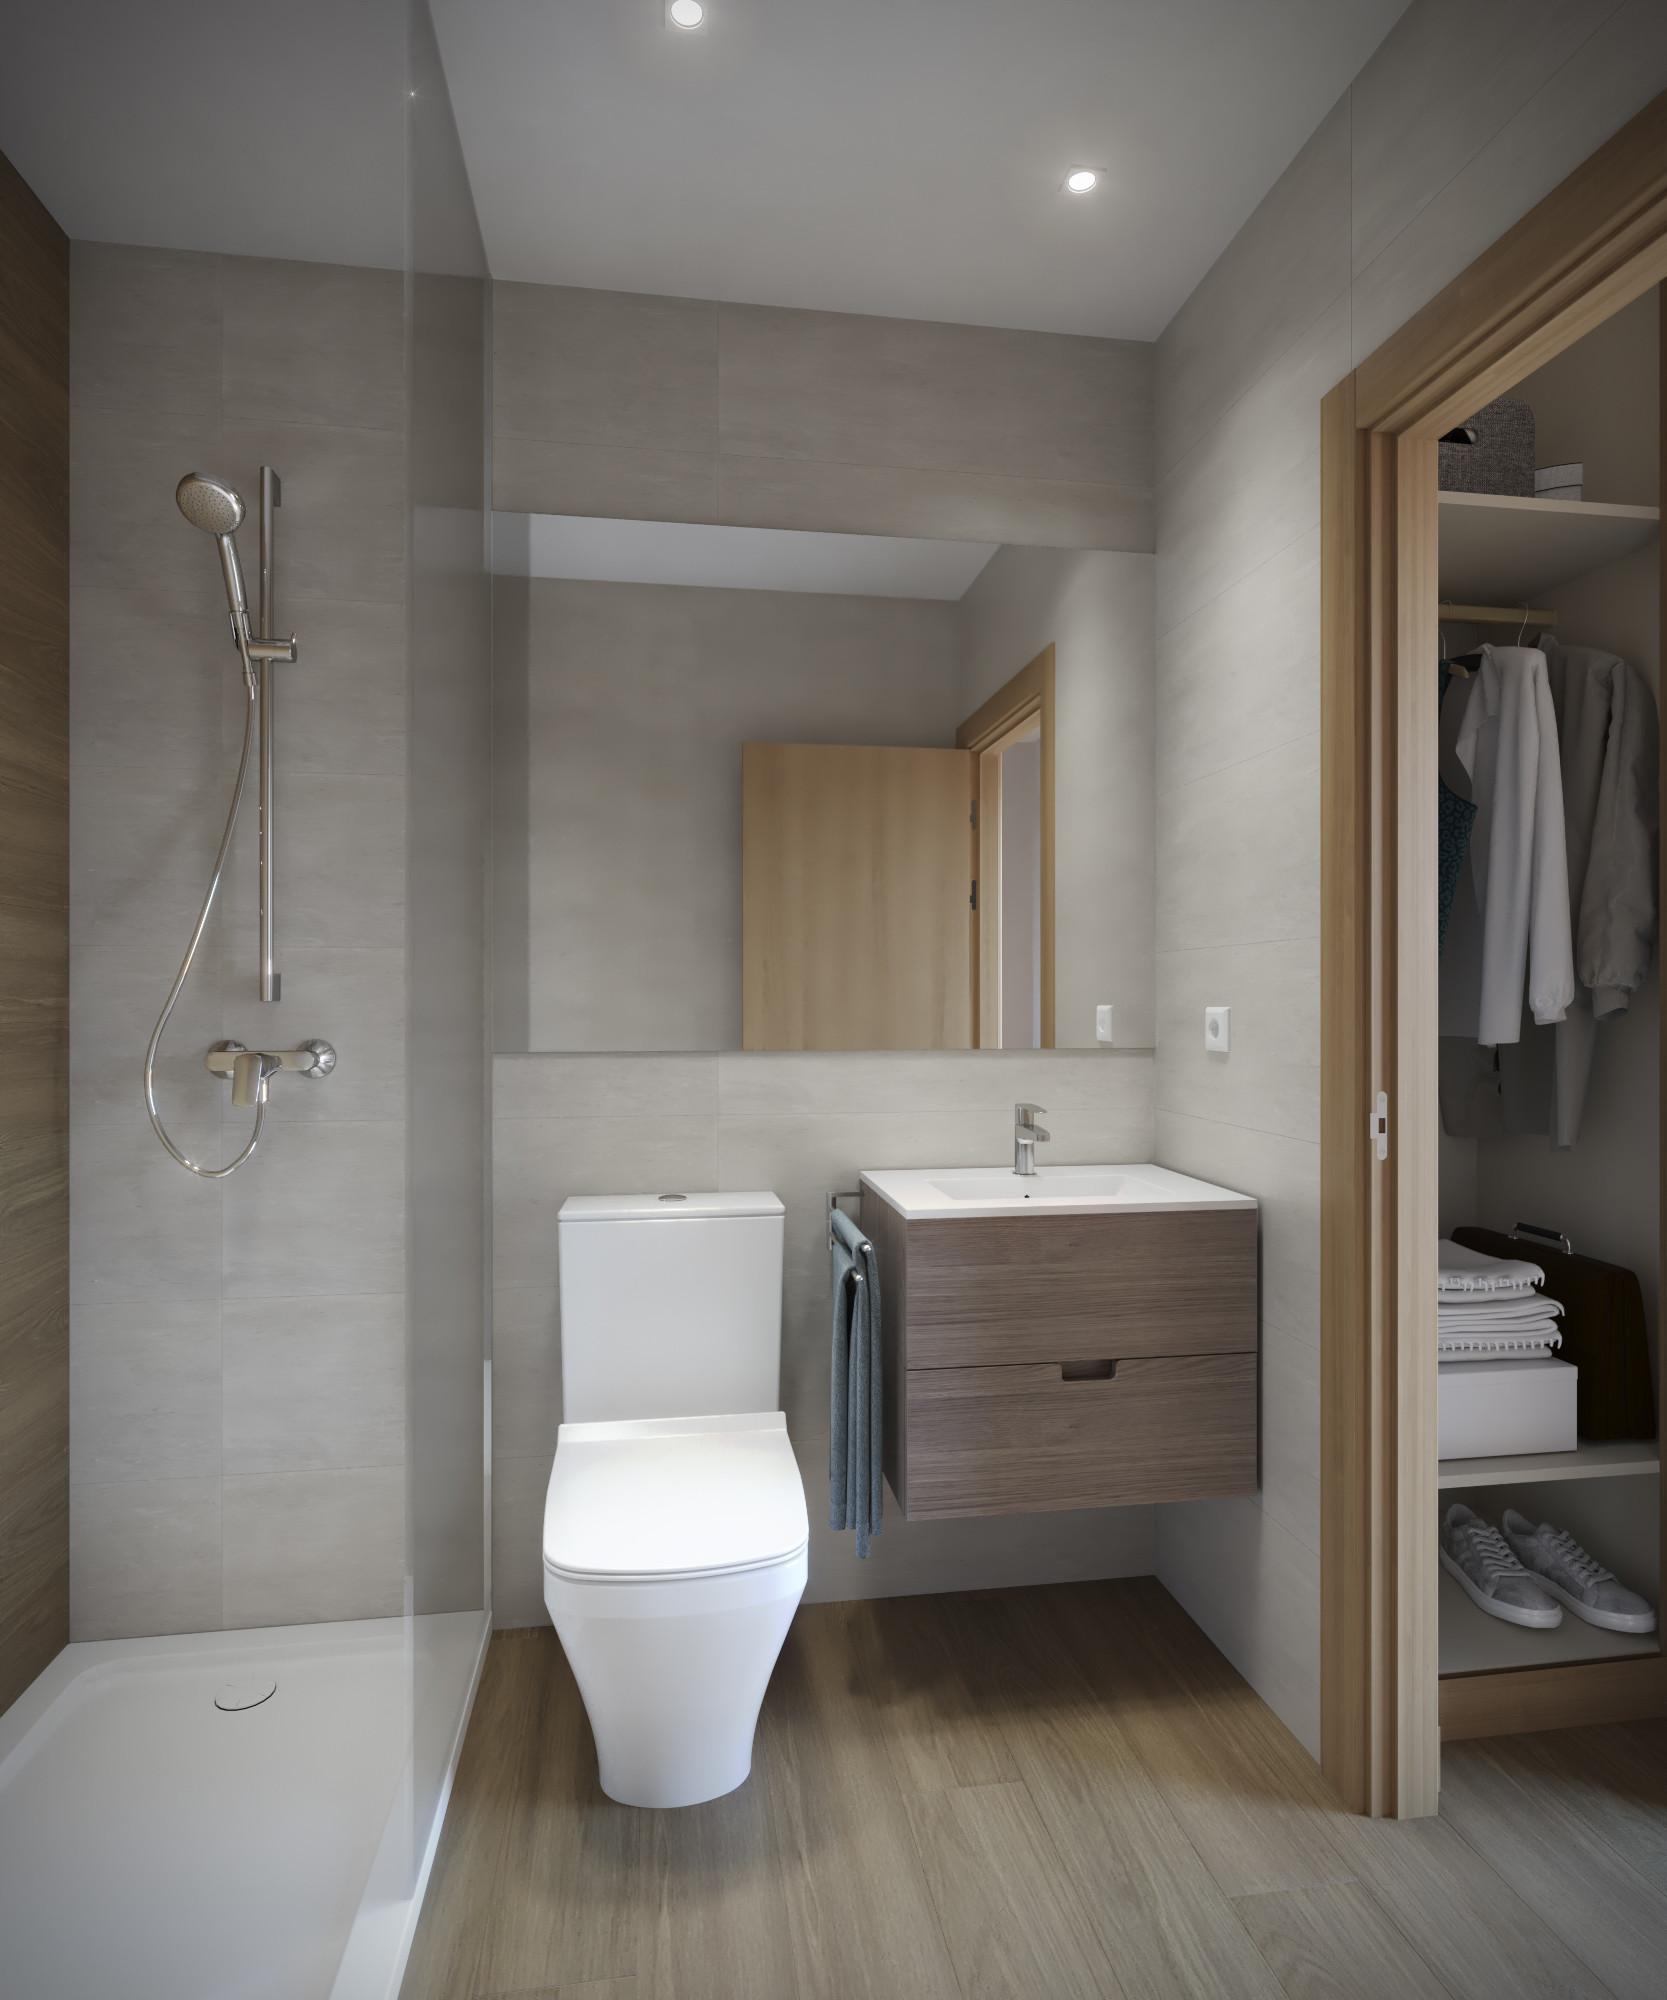 Habitación individual con baño privado en Residencia de ...